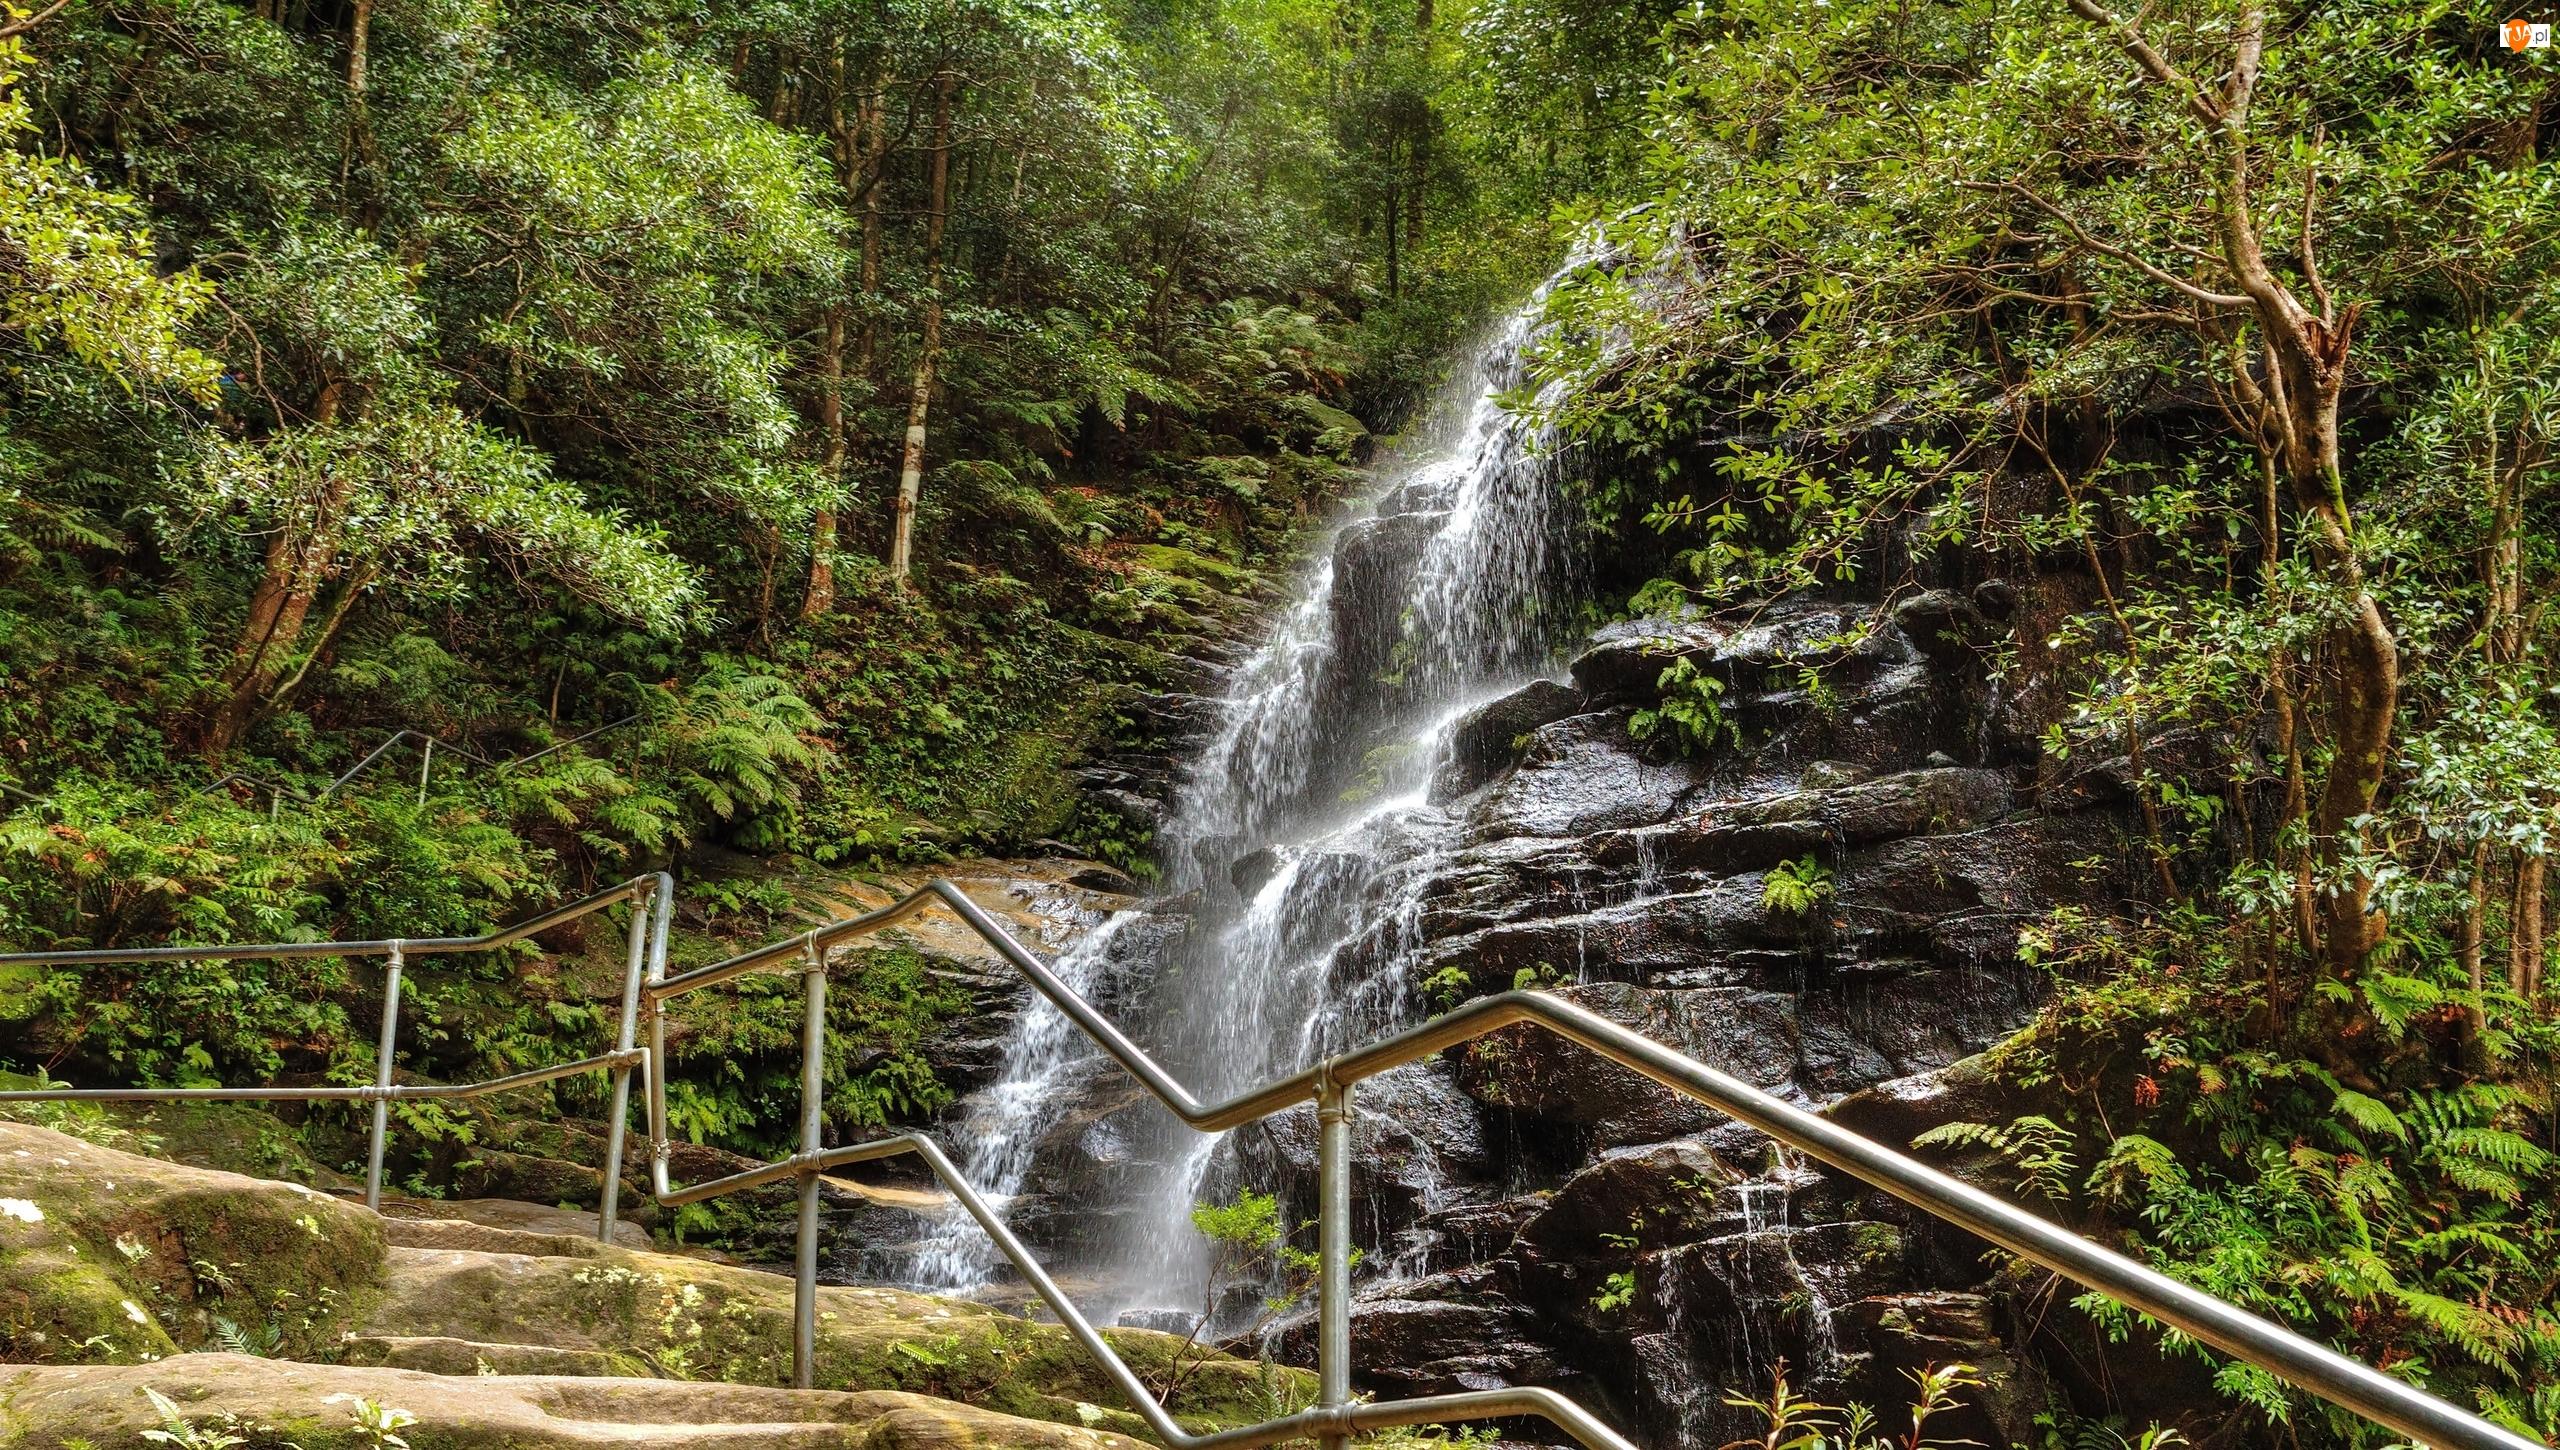 Ogrodzenie, Park Narodowy Blue Mountains, Paprocie, Las, Drzewa, Stan Nowa Południowa Walia, Australia, Wodospad Sylvia Falls, Skały